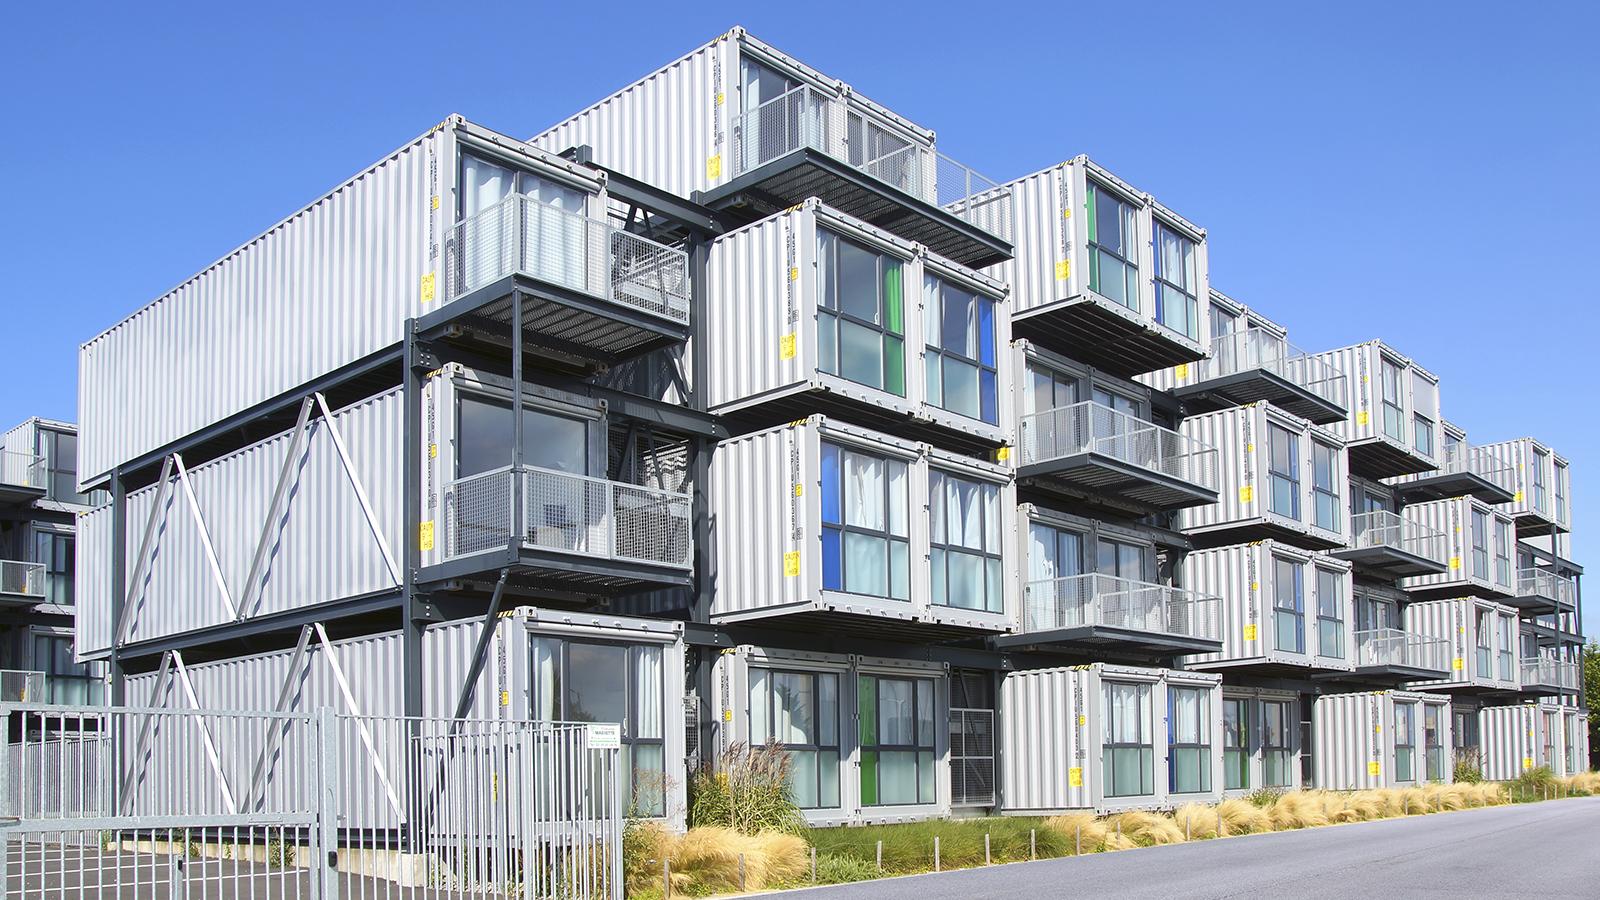 Arquitectura_contenedores